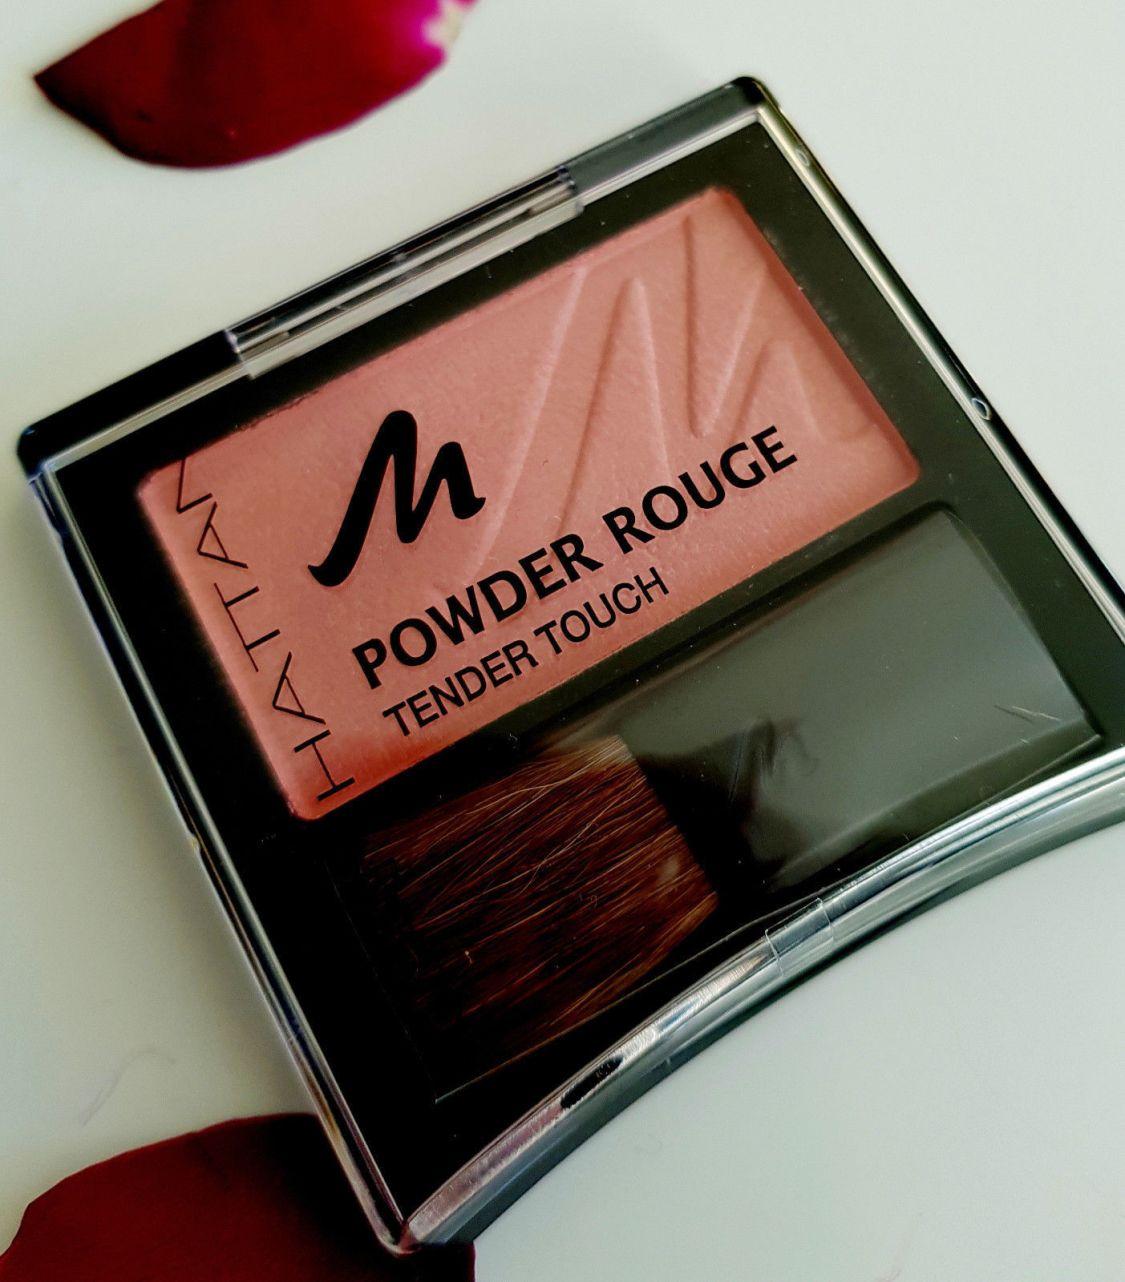 Manhattan Puder Powder Rouge Blush Tender Touch mit Vitamin Fresh Peach 53 N